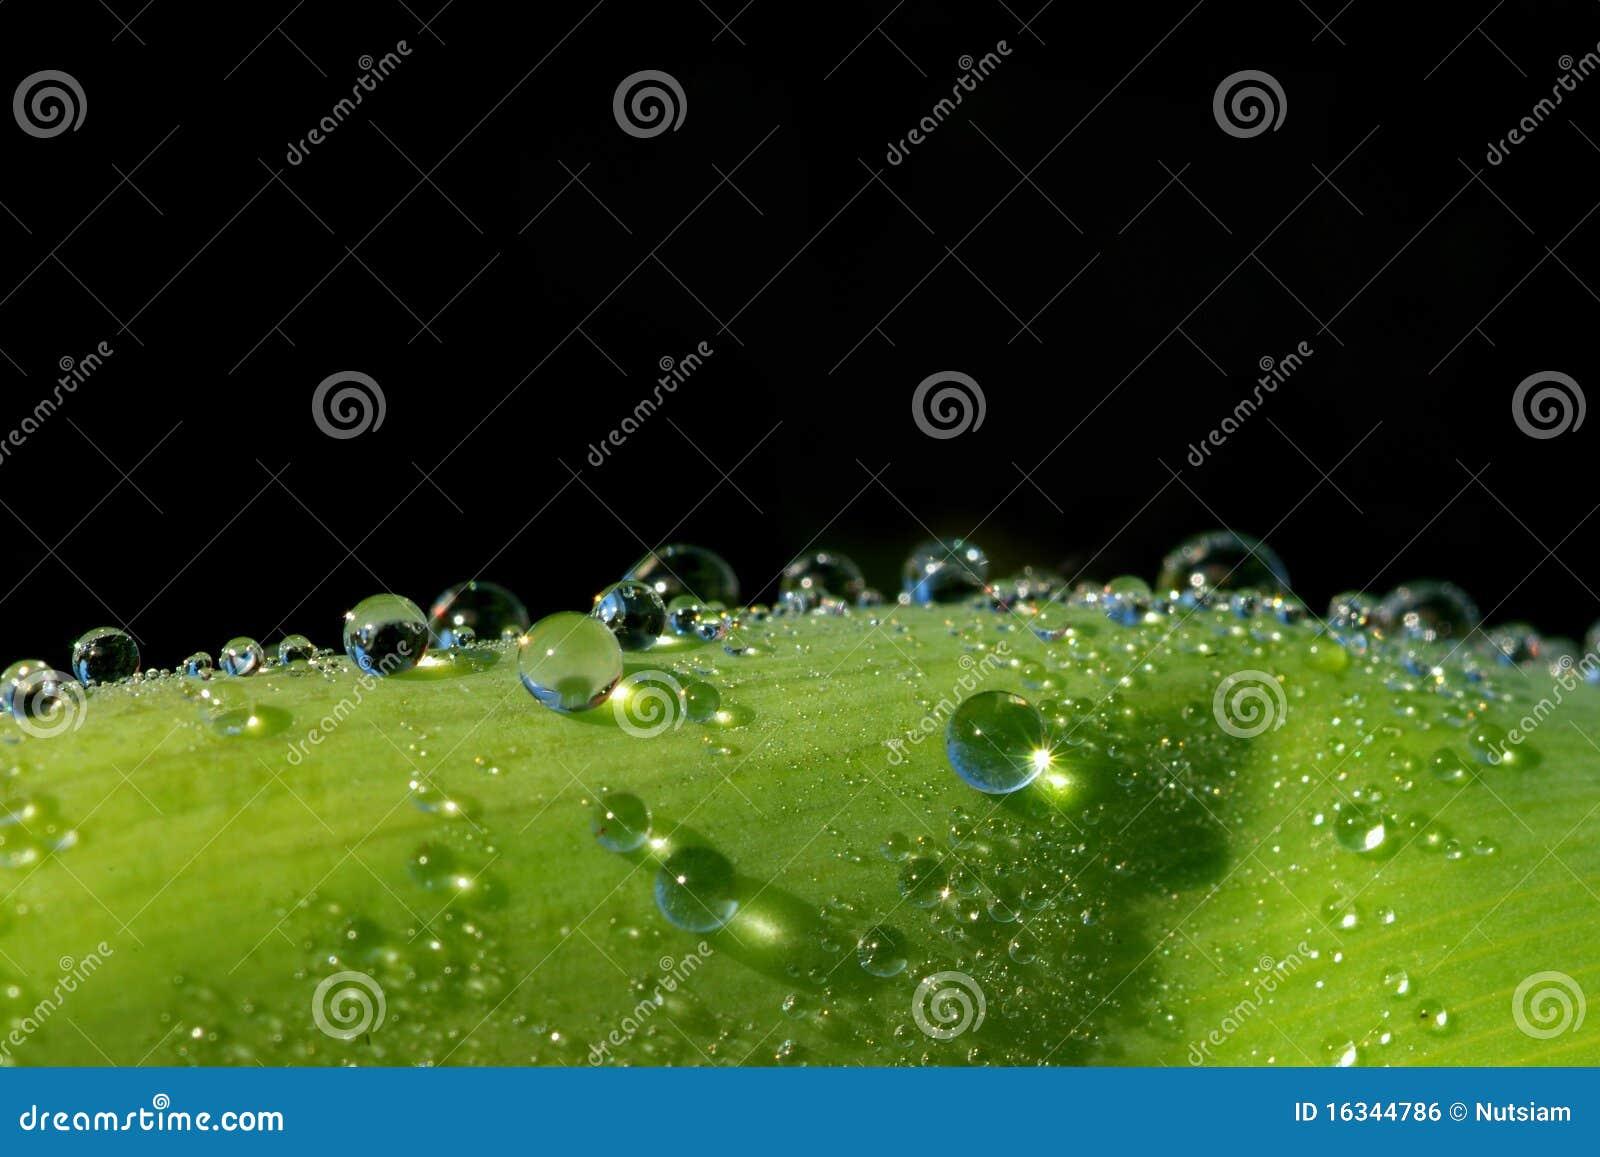 Green låter vara ljust solljus